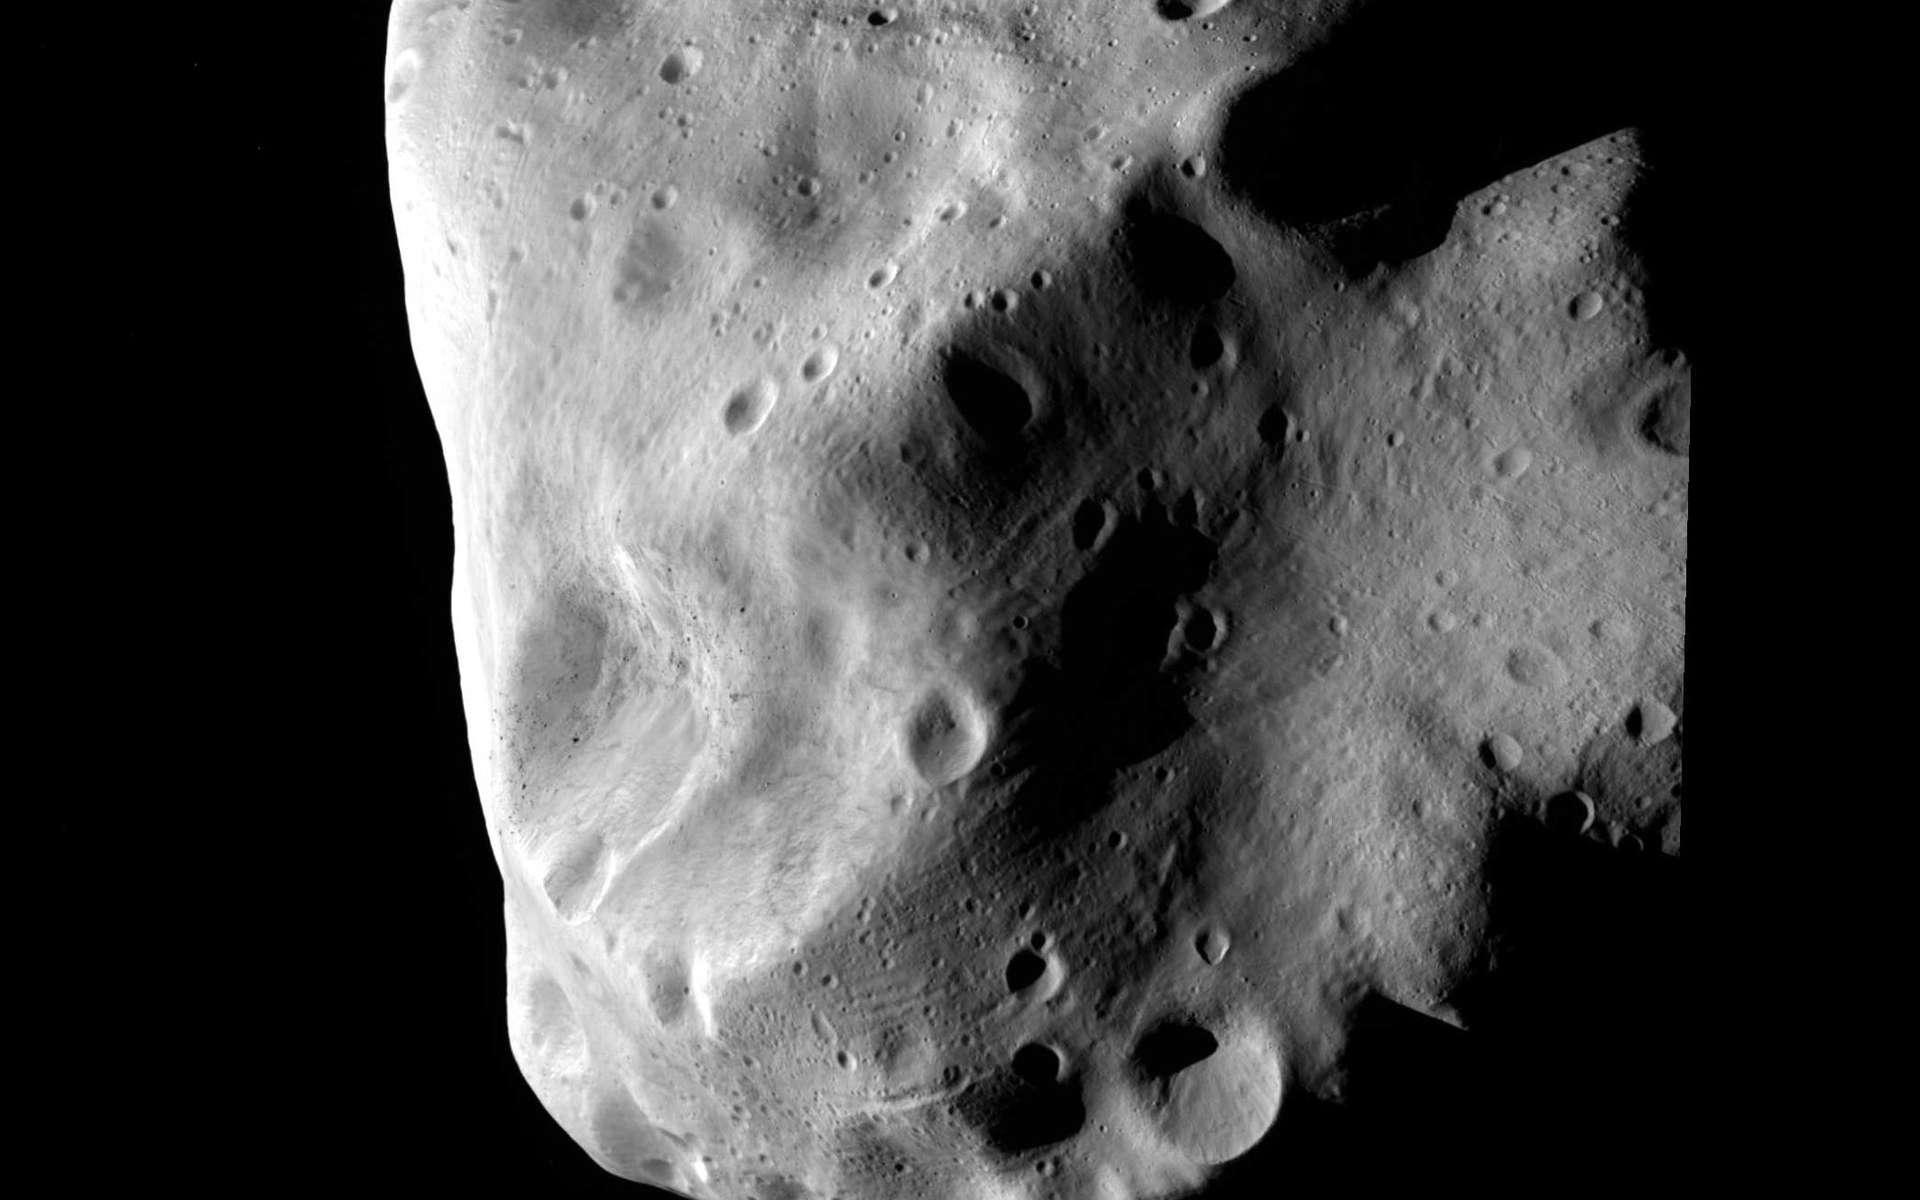 Une des meilleures images de Lutetia acquises par la sonde Rosetta alors située à environ 3.000 kilomètres. Difficile à classer à partir des données recueillies depuis la Terre, cet astéroïde âgé de 4,5 milliards d'années a subi d'innombrables impacts, témoins d'une période agitée au début de la formation du Système solaire. Crédit Esa 2010 / MPS for OSIRIS Team MPS/UPD/LAM/IAA/RSSD/INTA/UPM/DASP/IDA